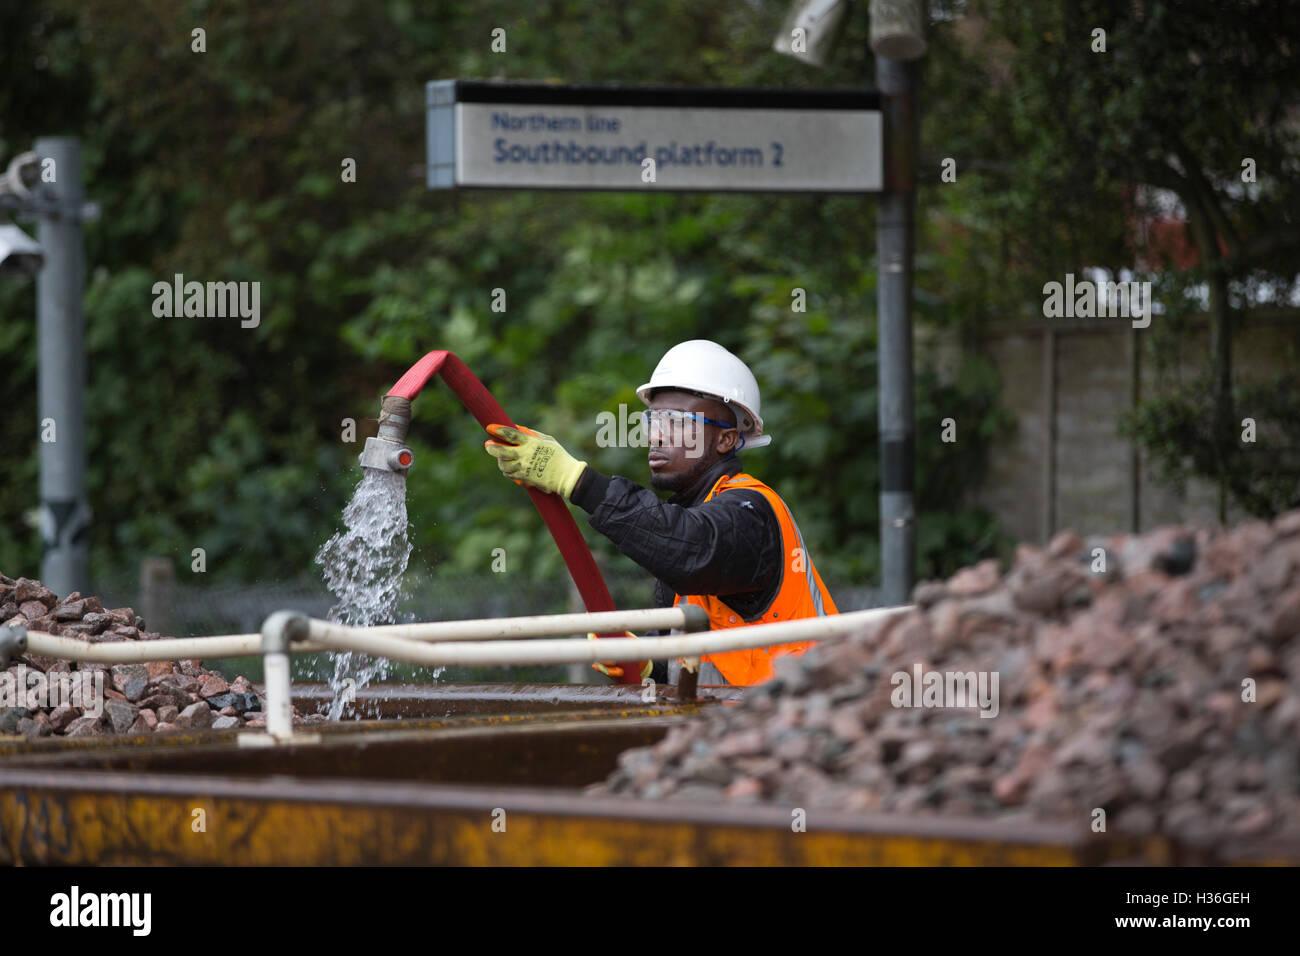 Métro de Londres des ingénieurs qui travaillent sur la voie du Nord, remplacement des rails du métro Photo Stock